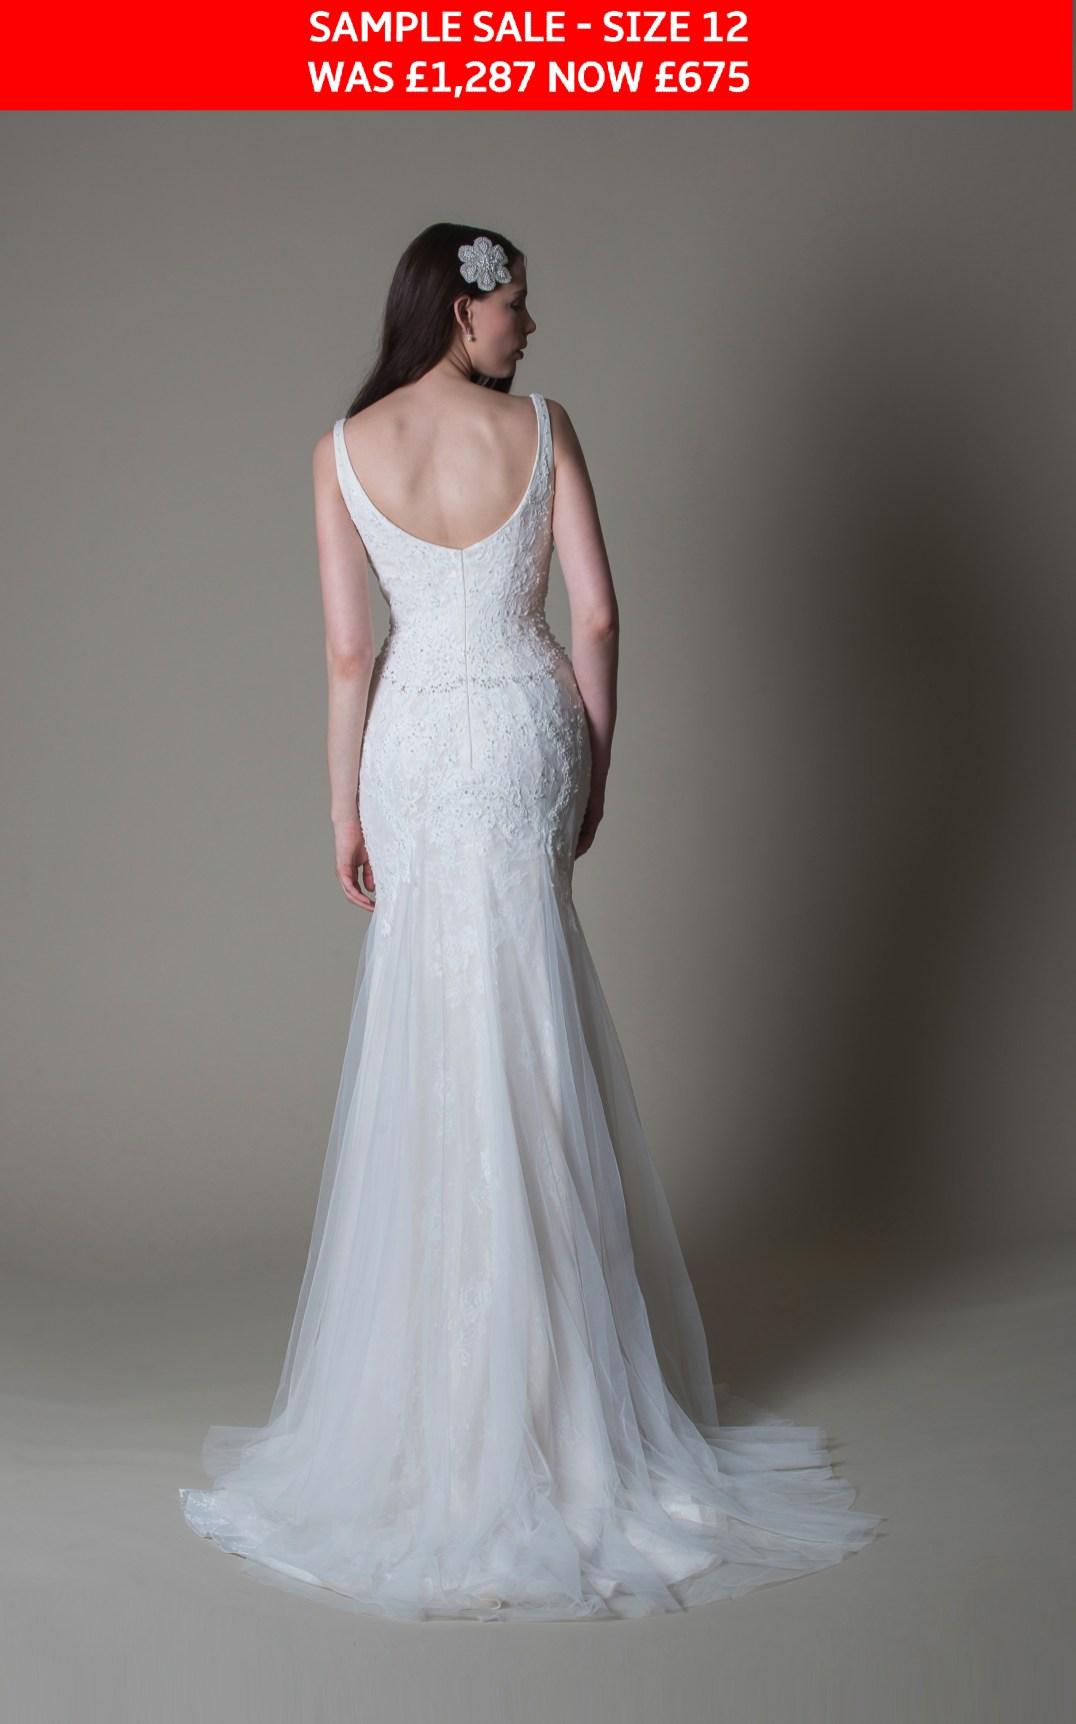 MiaMia Sophia bridal gown sample sale